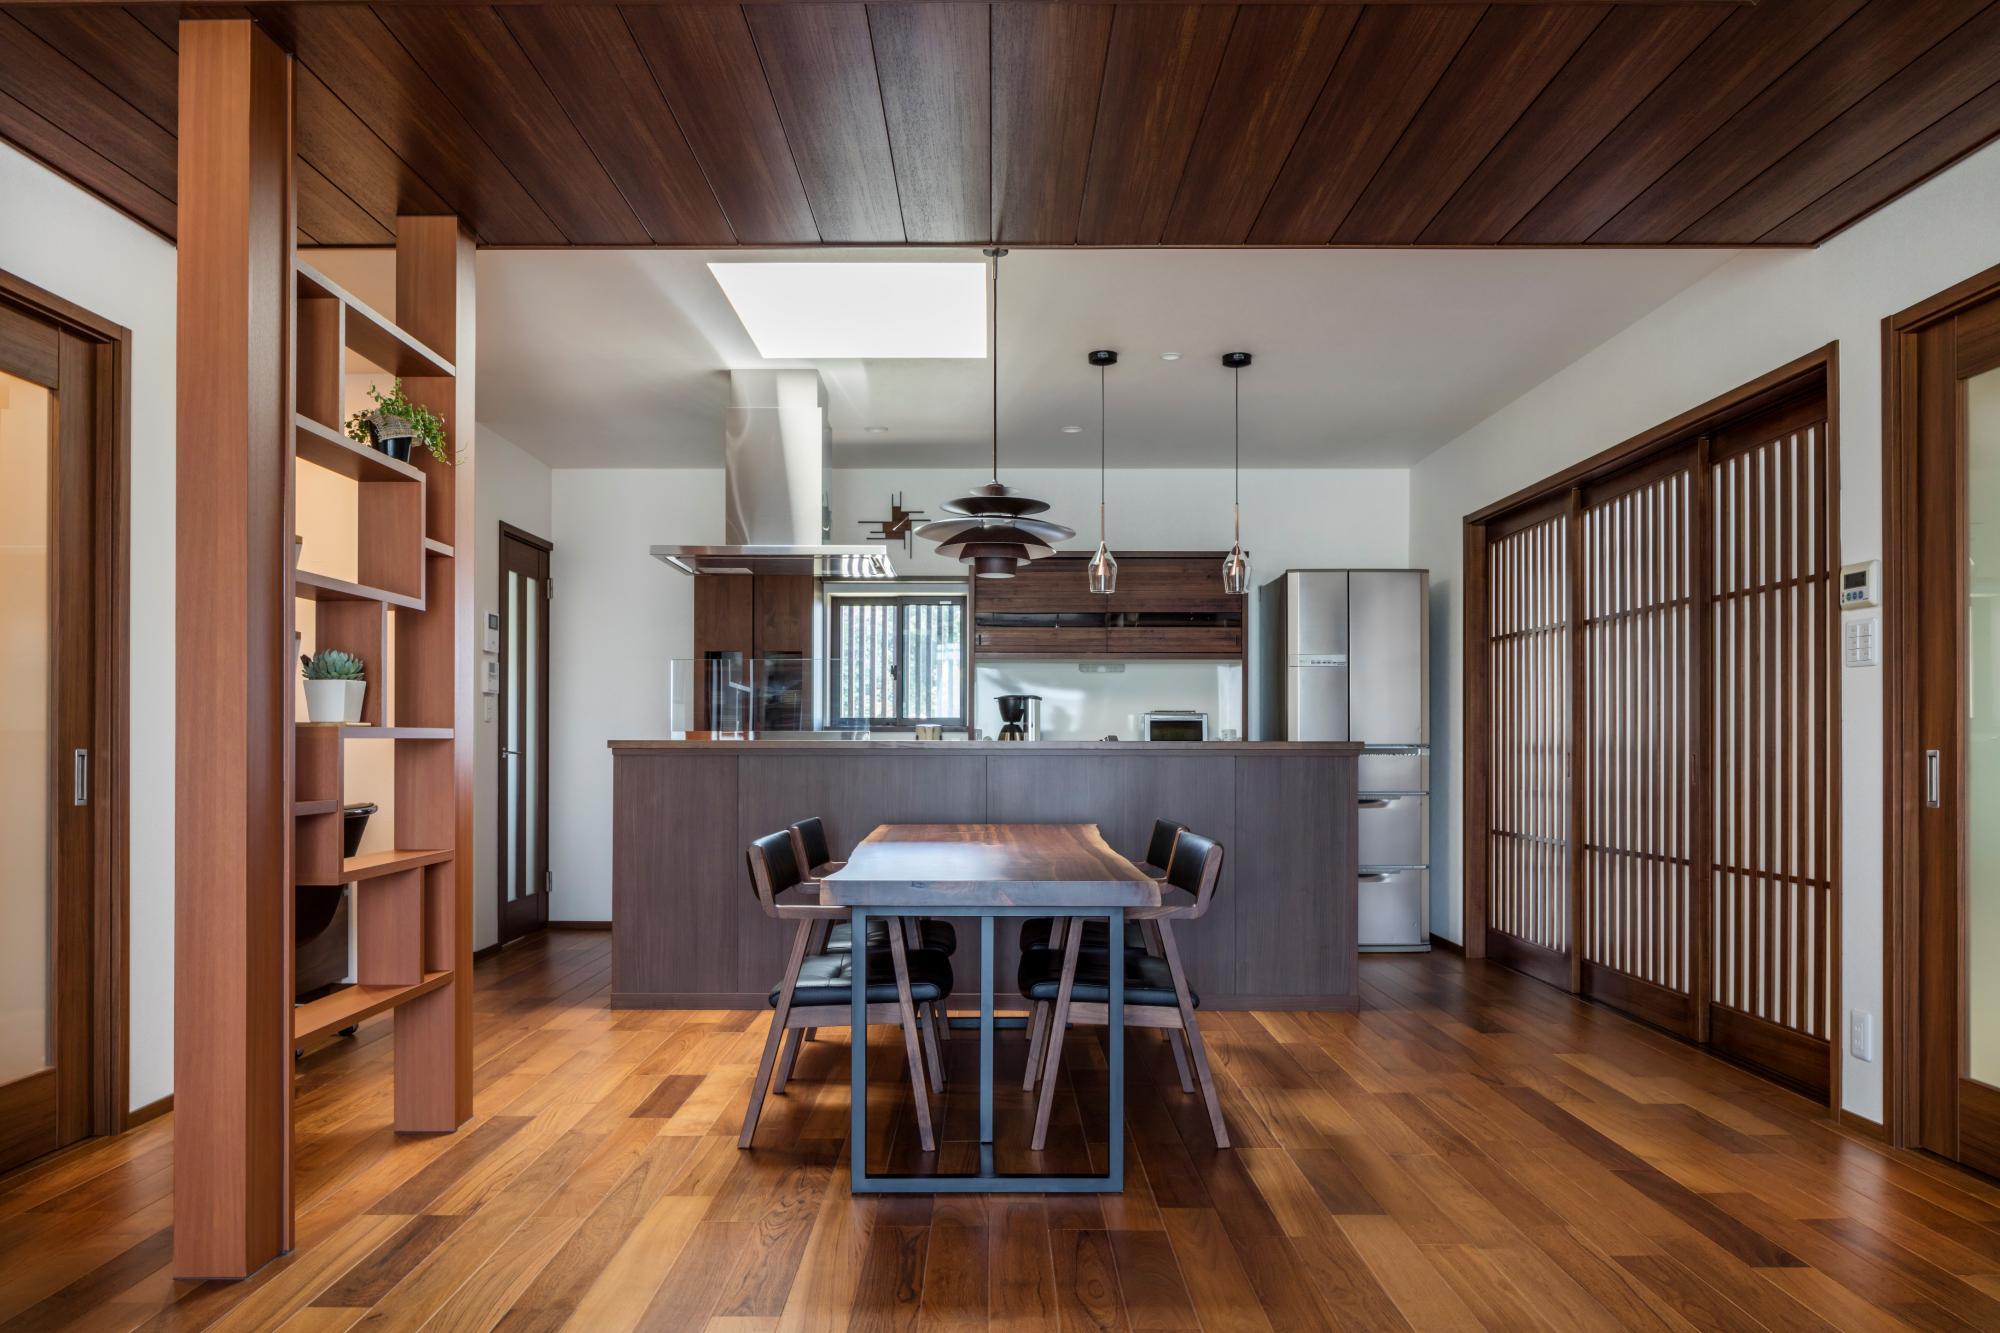 DKの天井部分には、ガラス面に和紙を張ったトップライトを設けて明るさを確保。キッチンは奥様の希望で回遊できるアイランド型のカウンターを設置。写真右手の縦格子の引き戸は天井や床などの色味にあわせて造作した。